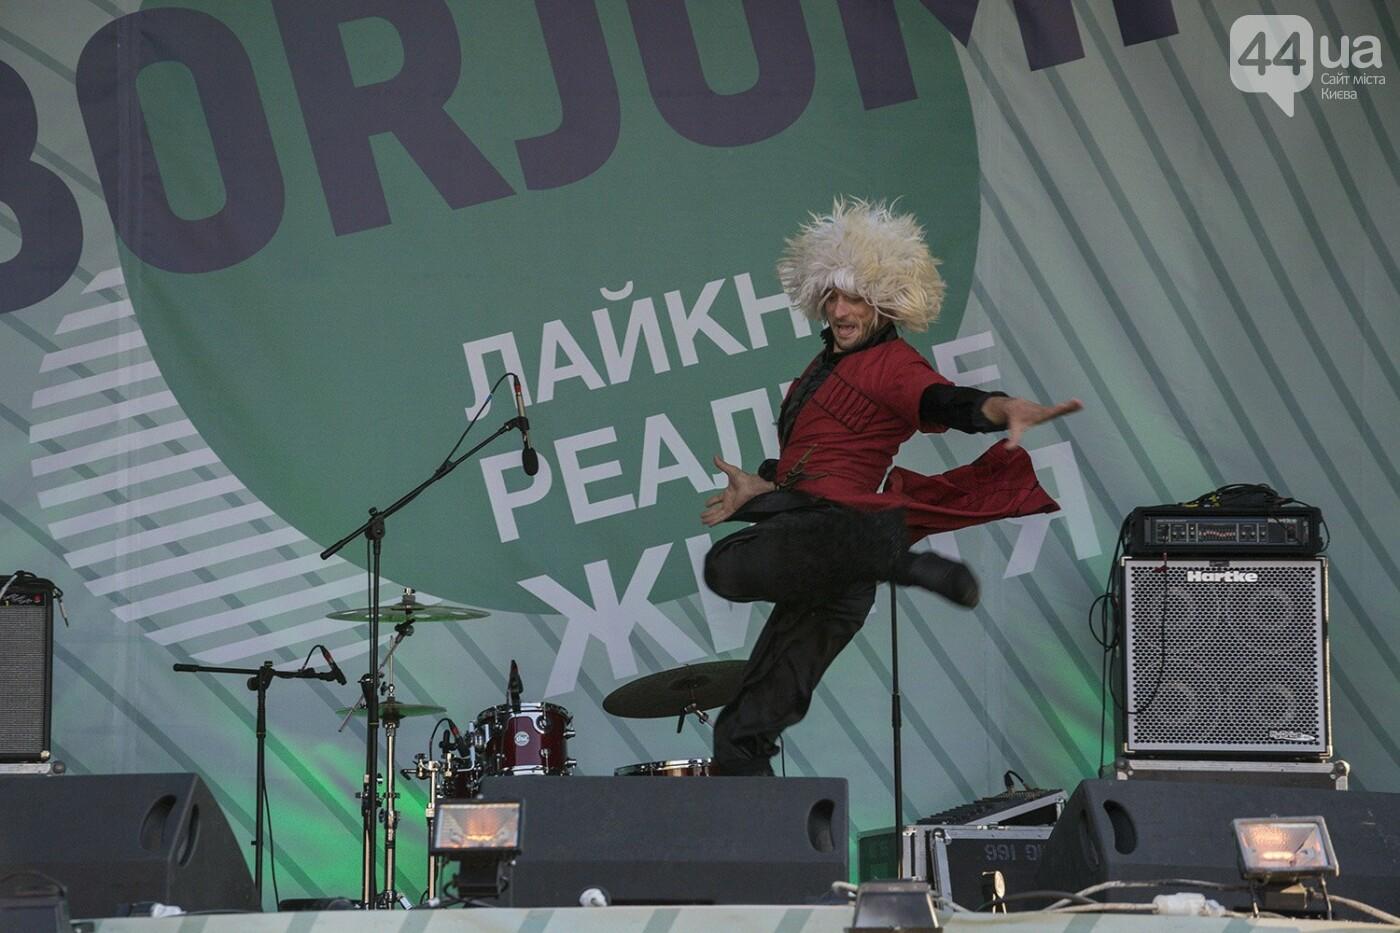 Хачапури и зажигательные танцы: как в Киеве прошел Borjomi Fest-2018, - ФОТОРЕПОРТАЖ, фото-14